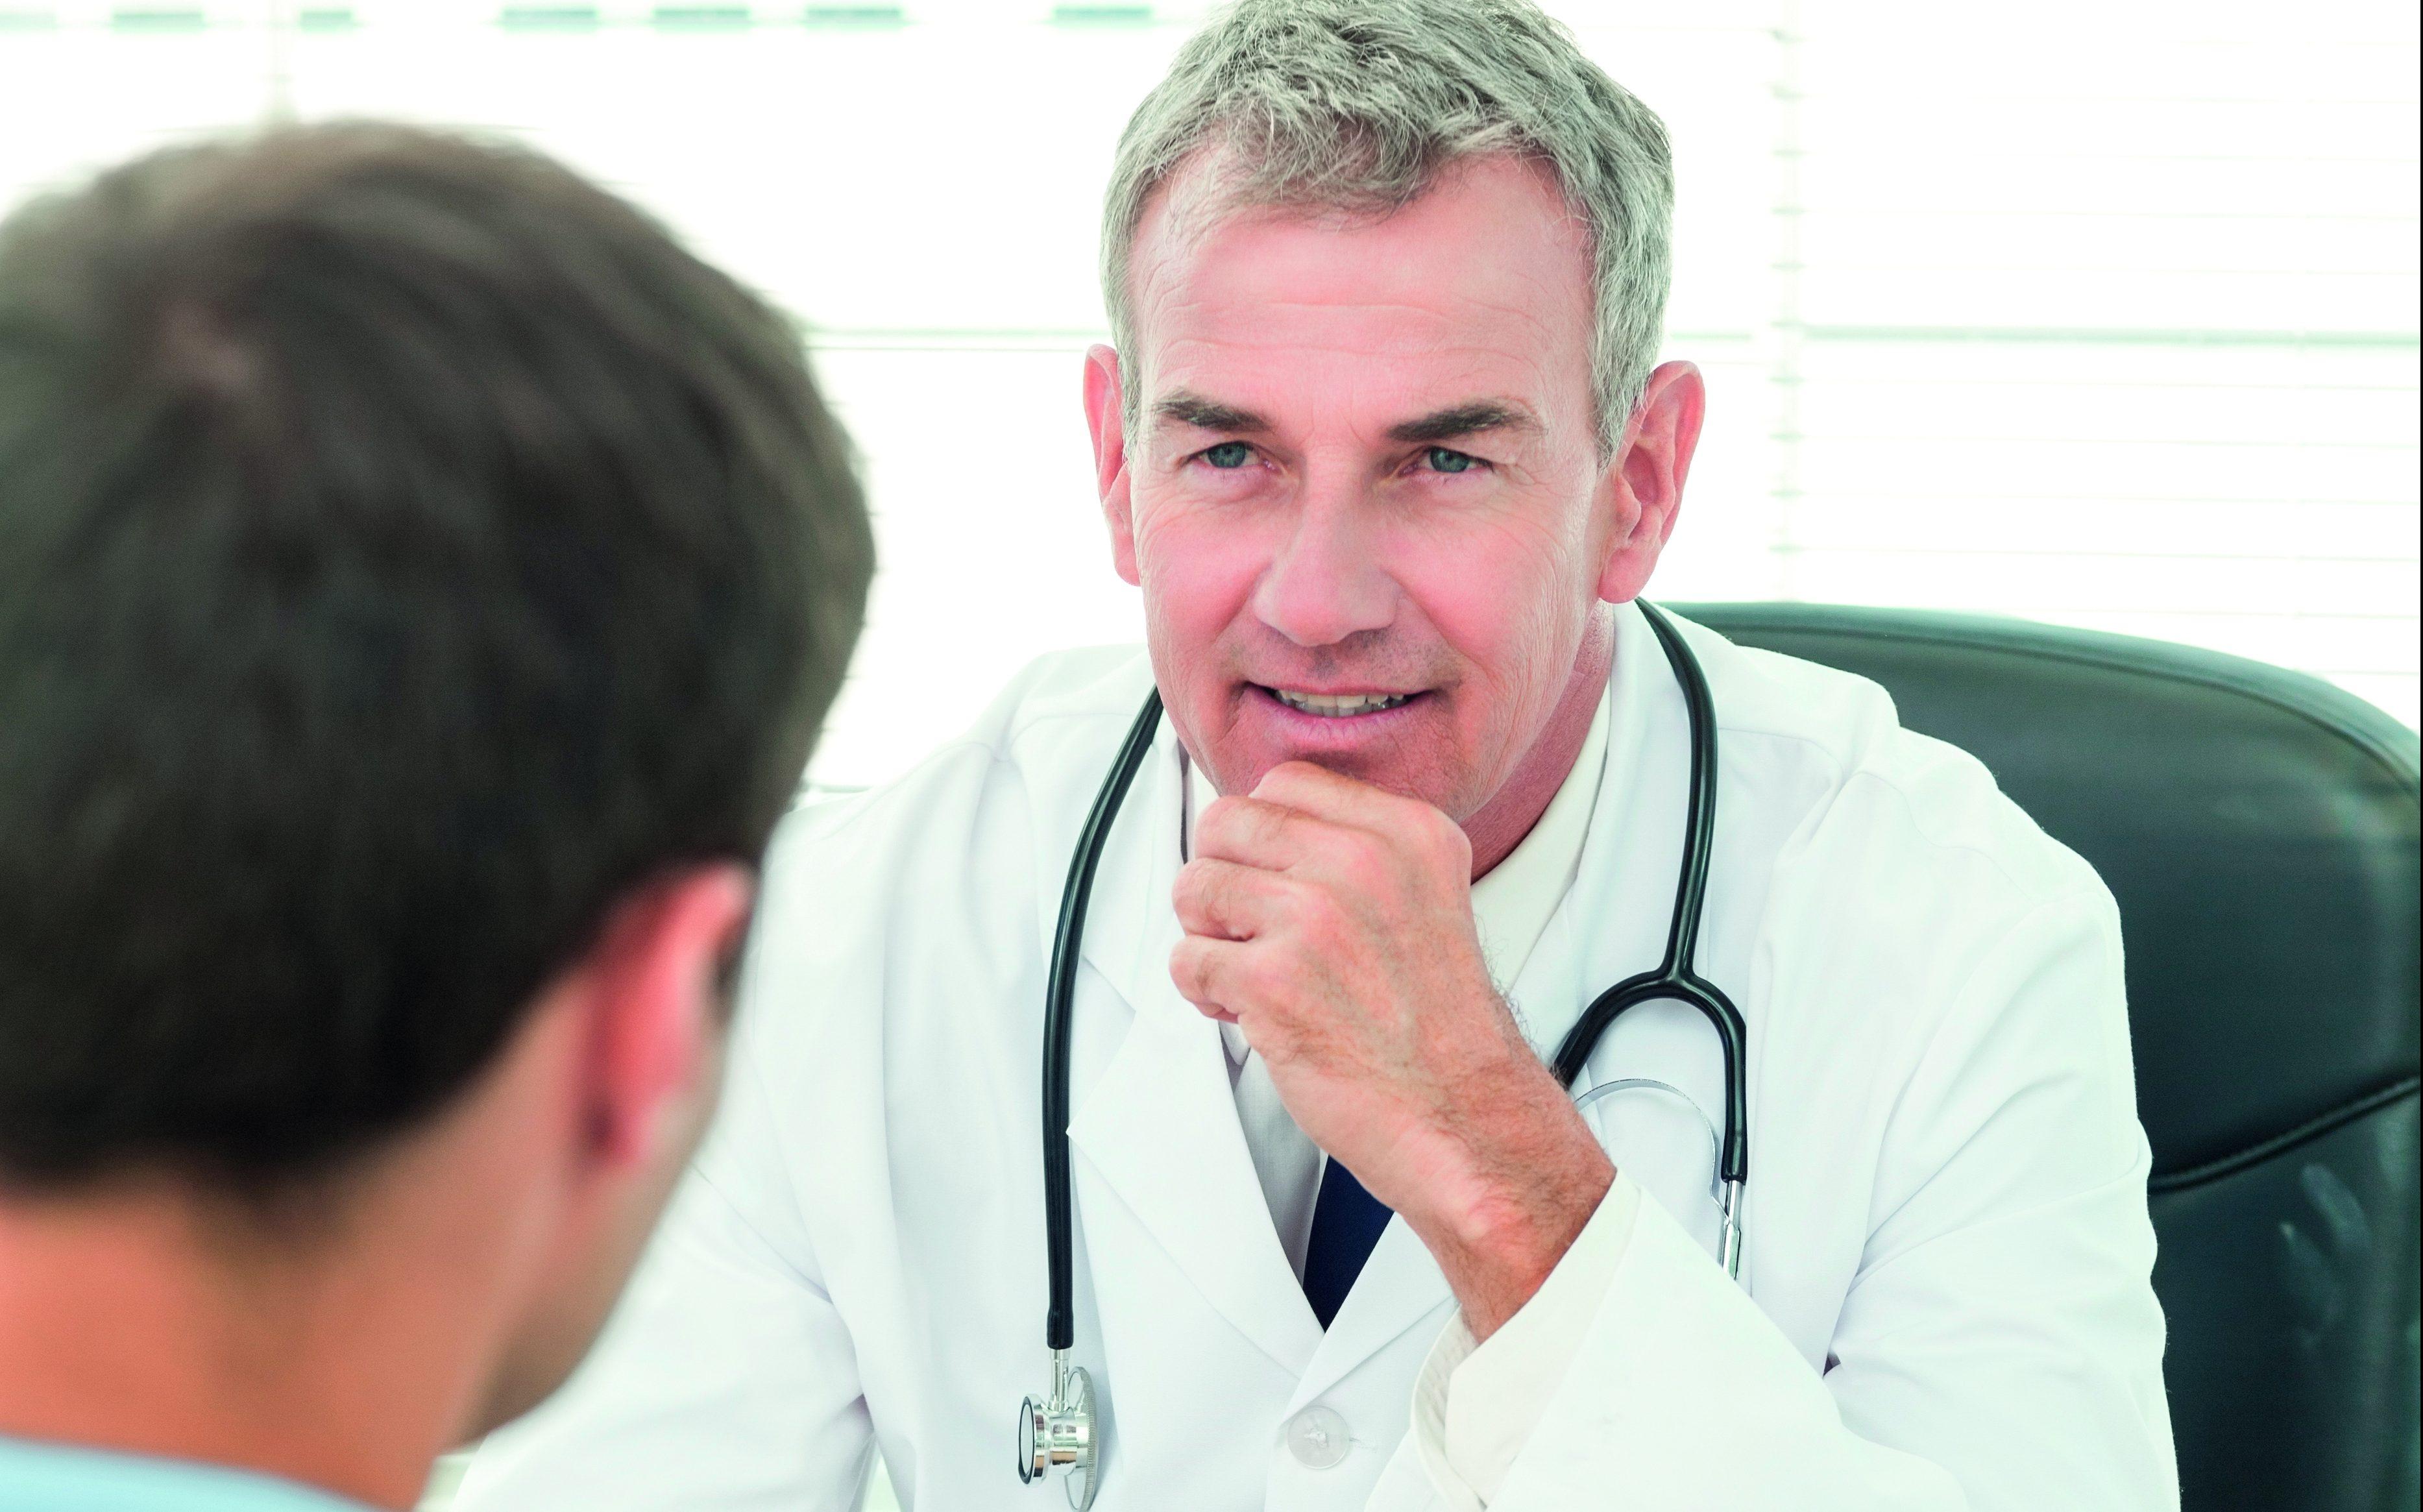 Mężczyzna rozmawia z lekarzem /Ilustracja do tekstu: Warsztaty Invimed dla mężczyzn